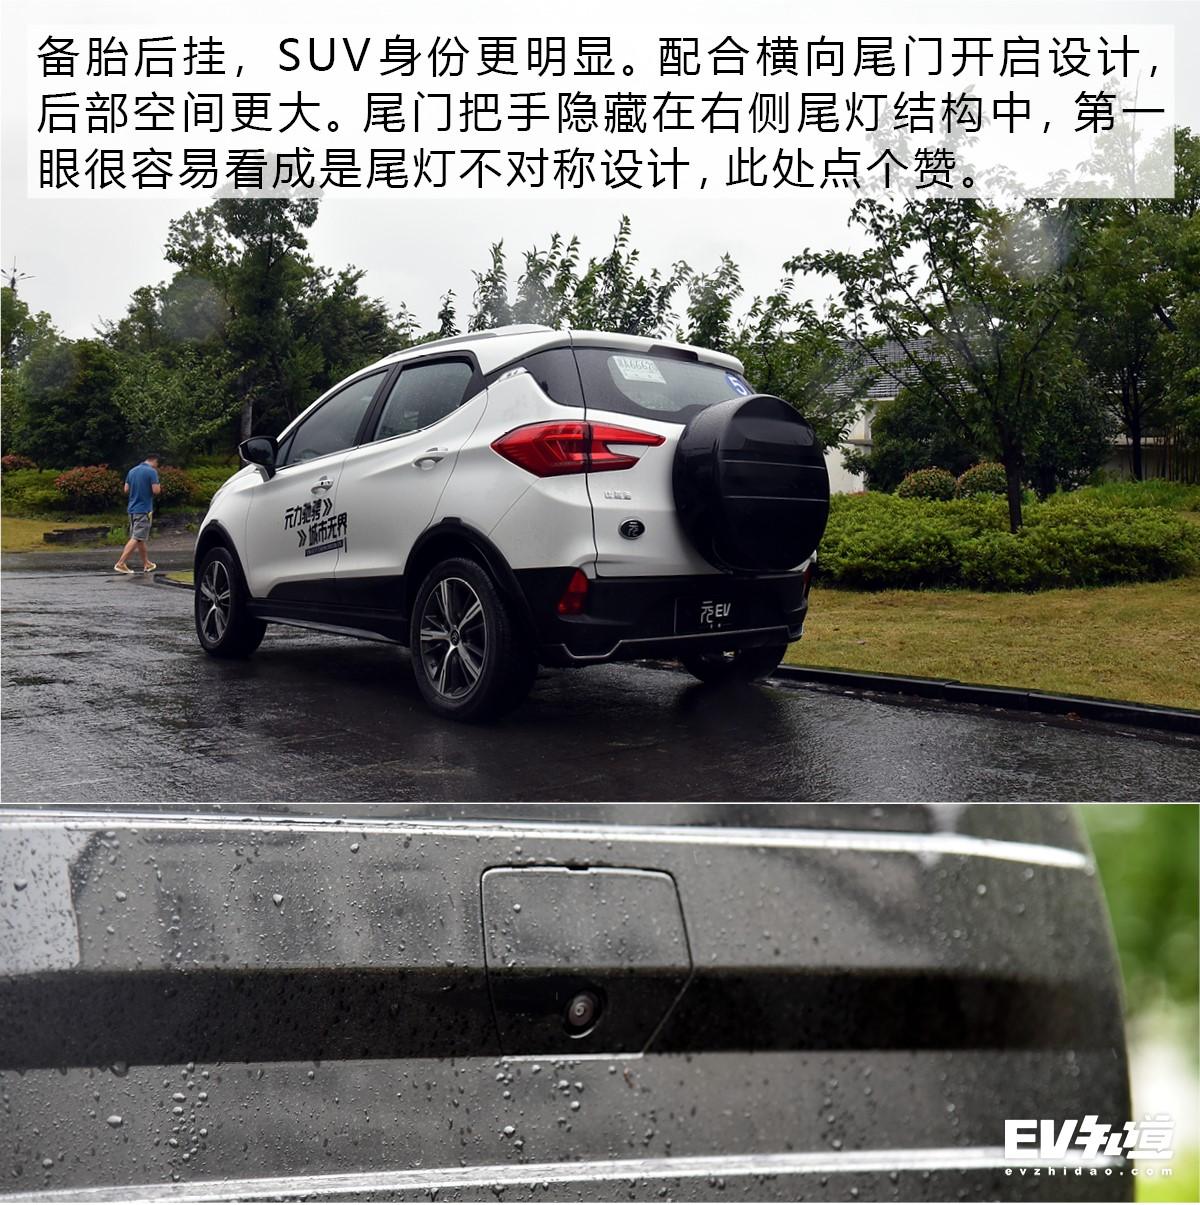 雨与景中体验出长续航 试驾比亚迪元EV535